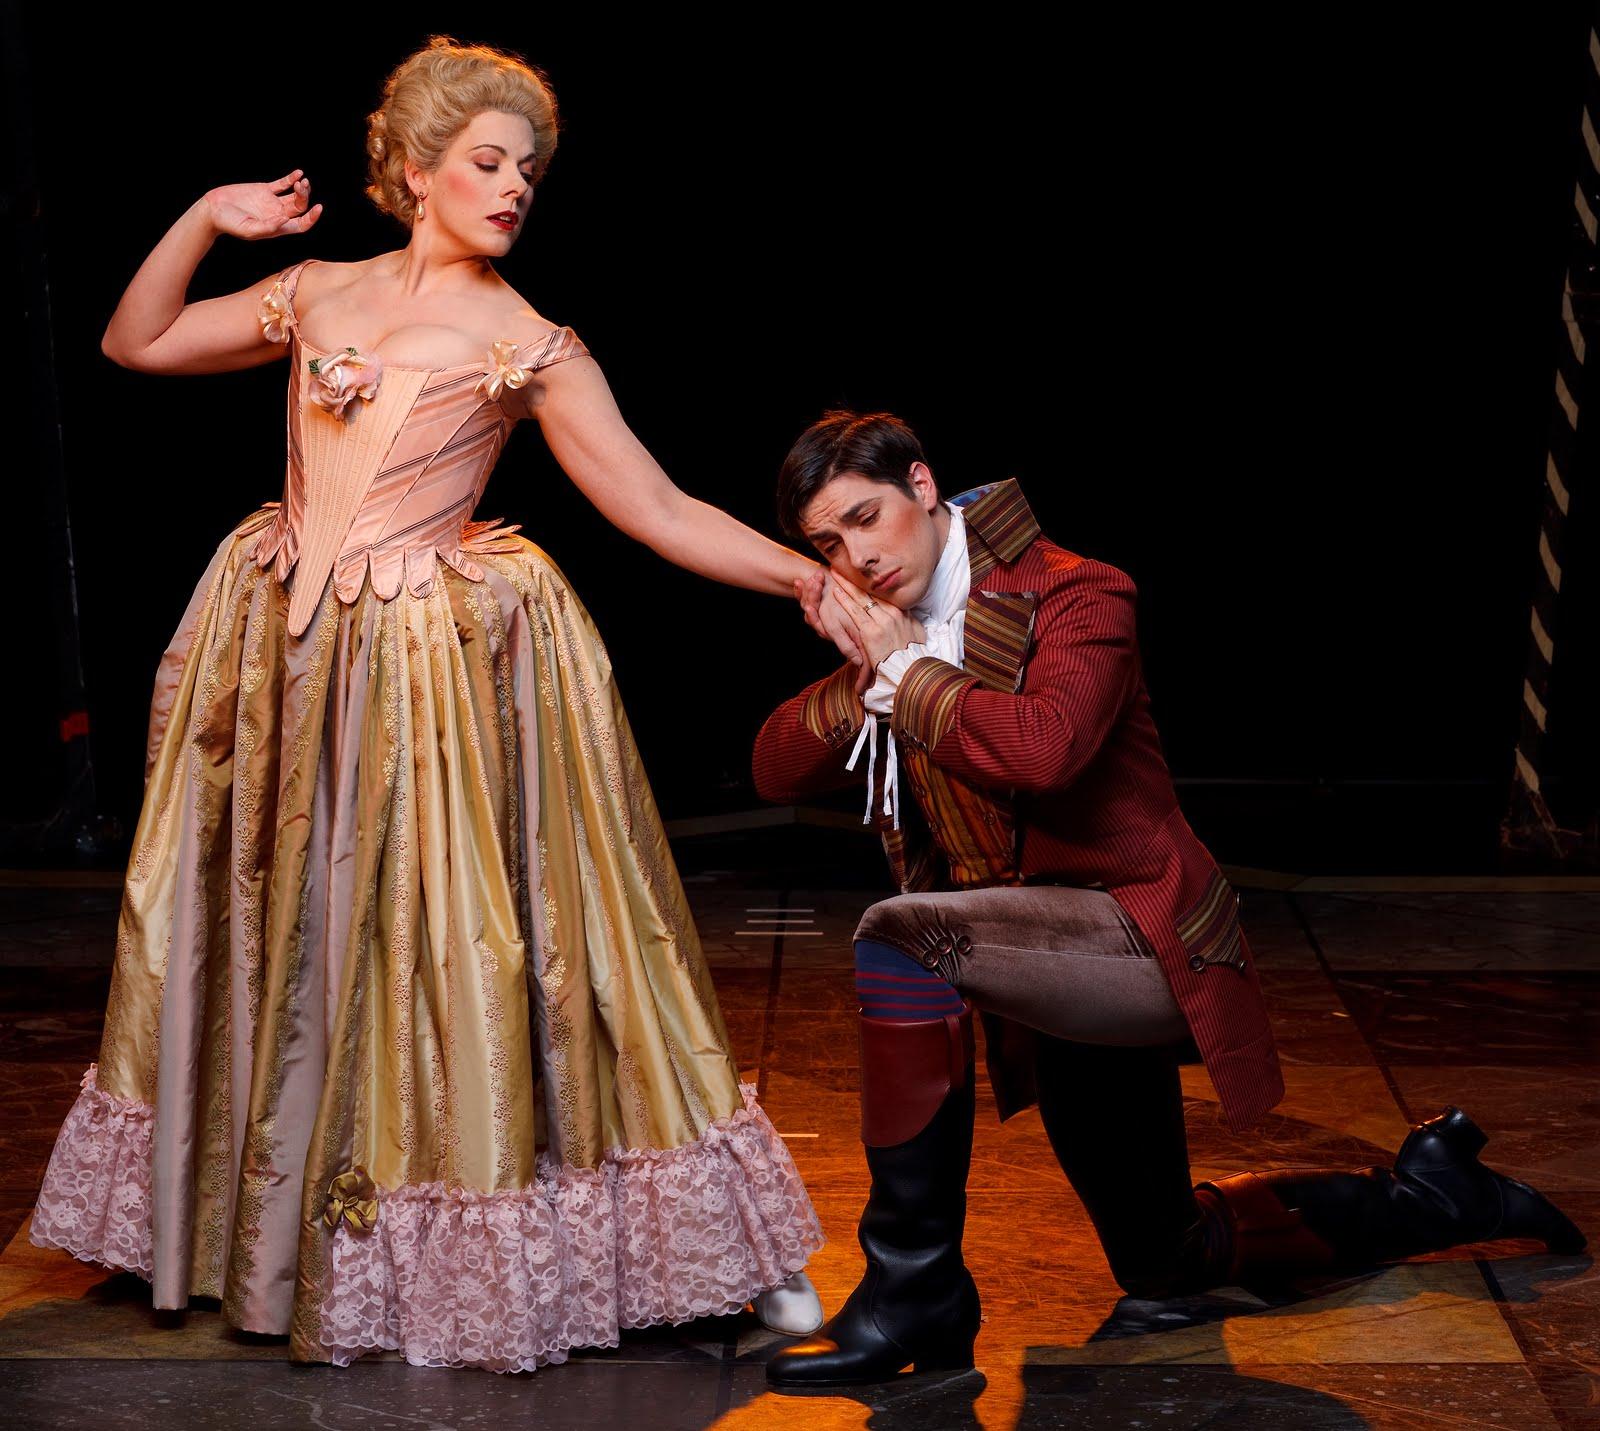 Моцарт. Опера Свадьба Фигаро.Содержание оперы